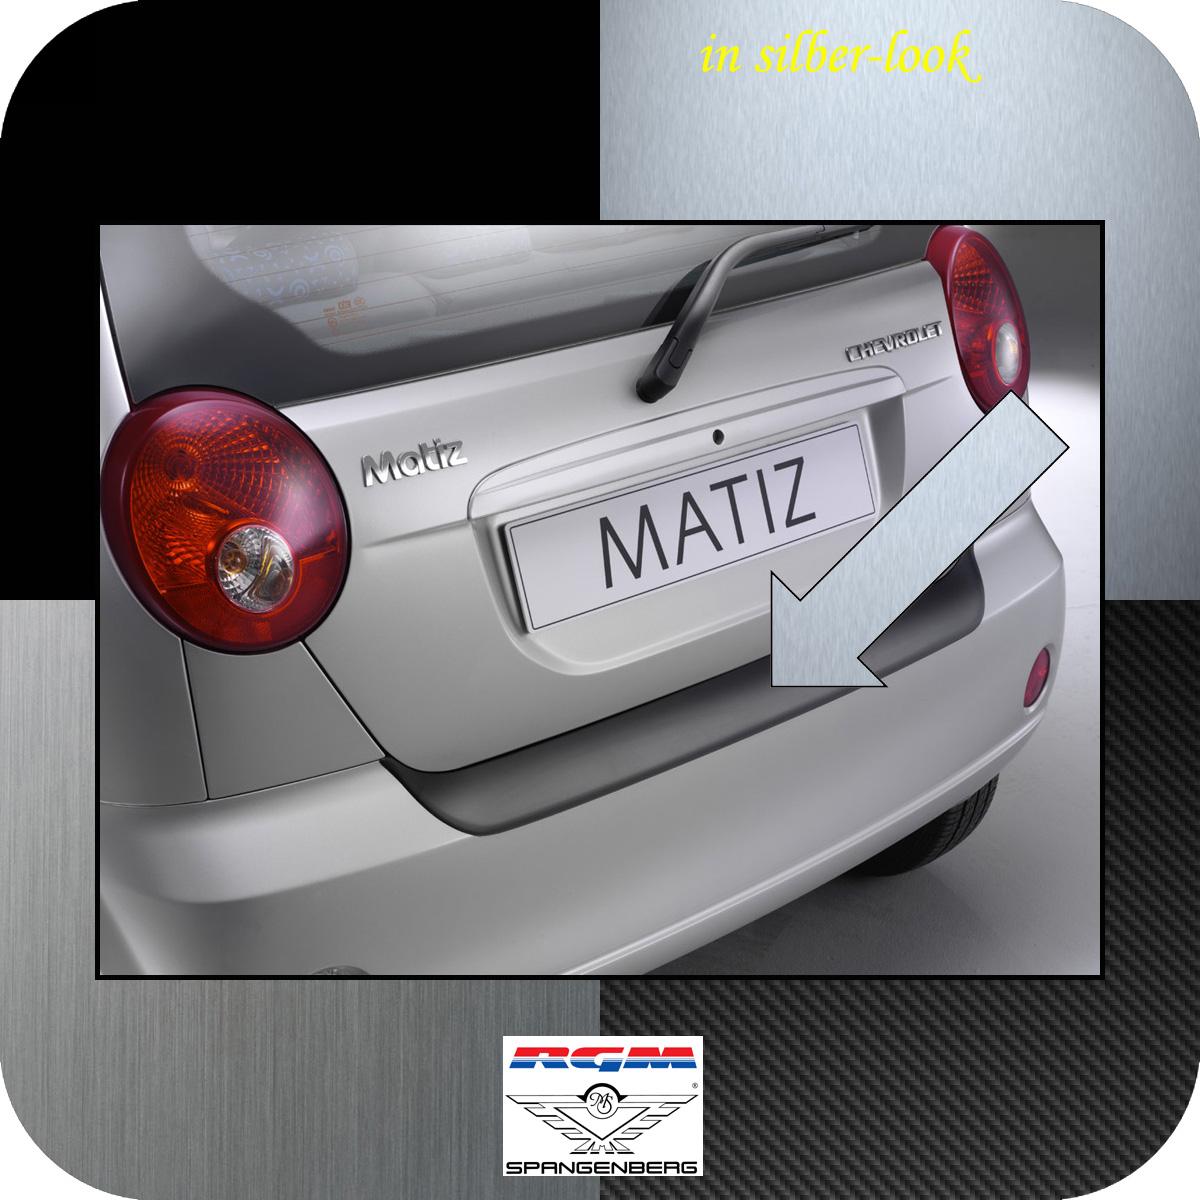 Ladekantenschutz Silber-Look Chevrolet Matiz Spark Schrägheck bis 2010 3506326